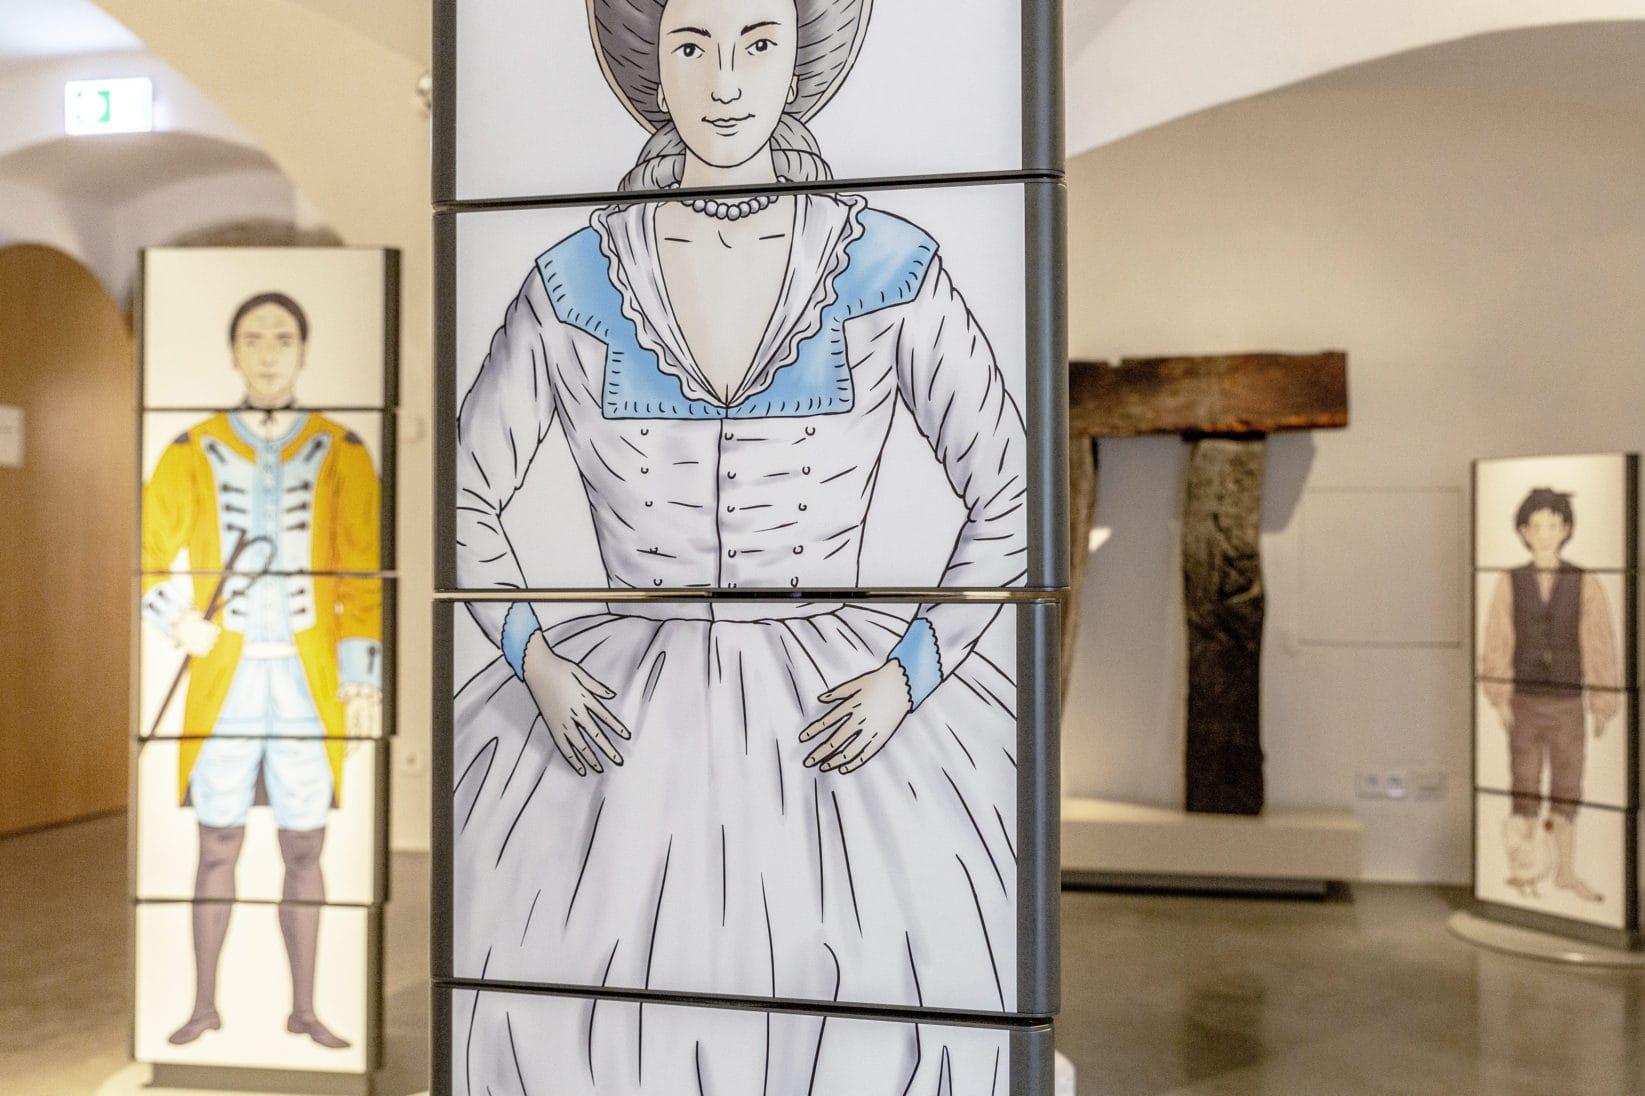 Ausstellung BurgVischering Ausstellungsgrafik Illustration